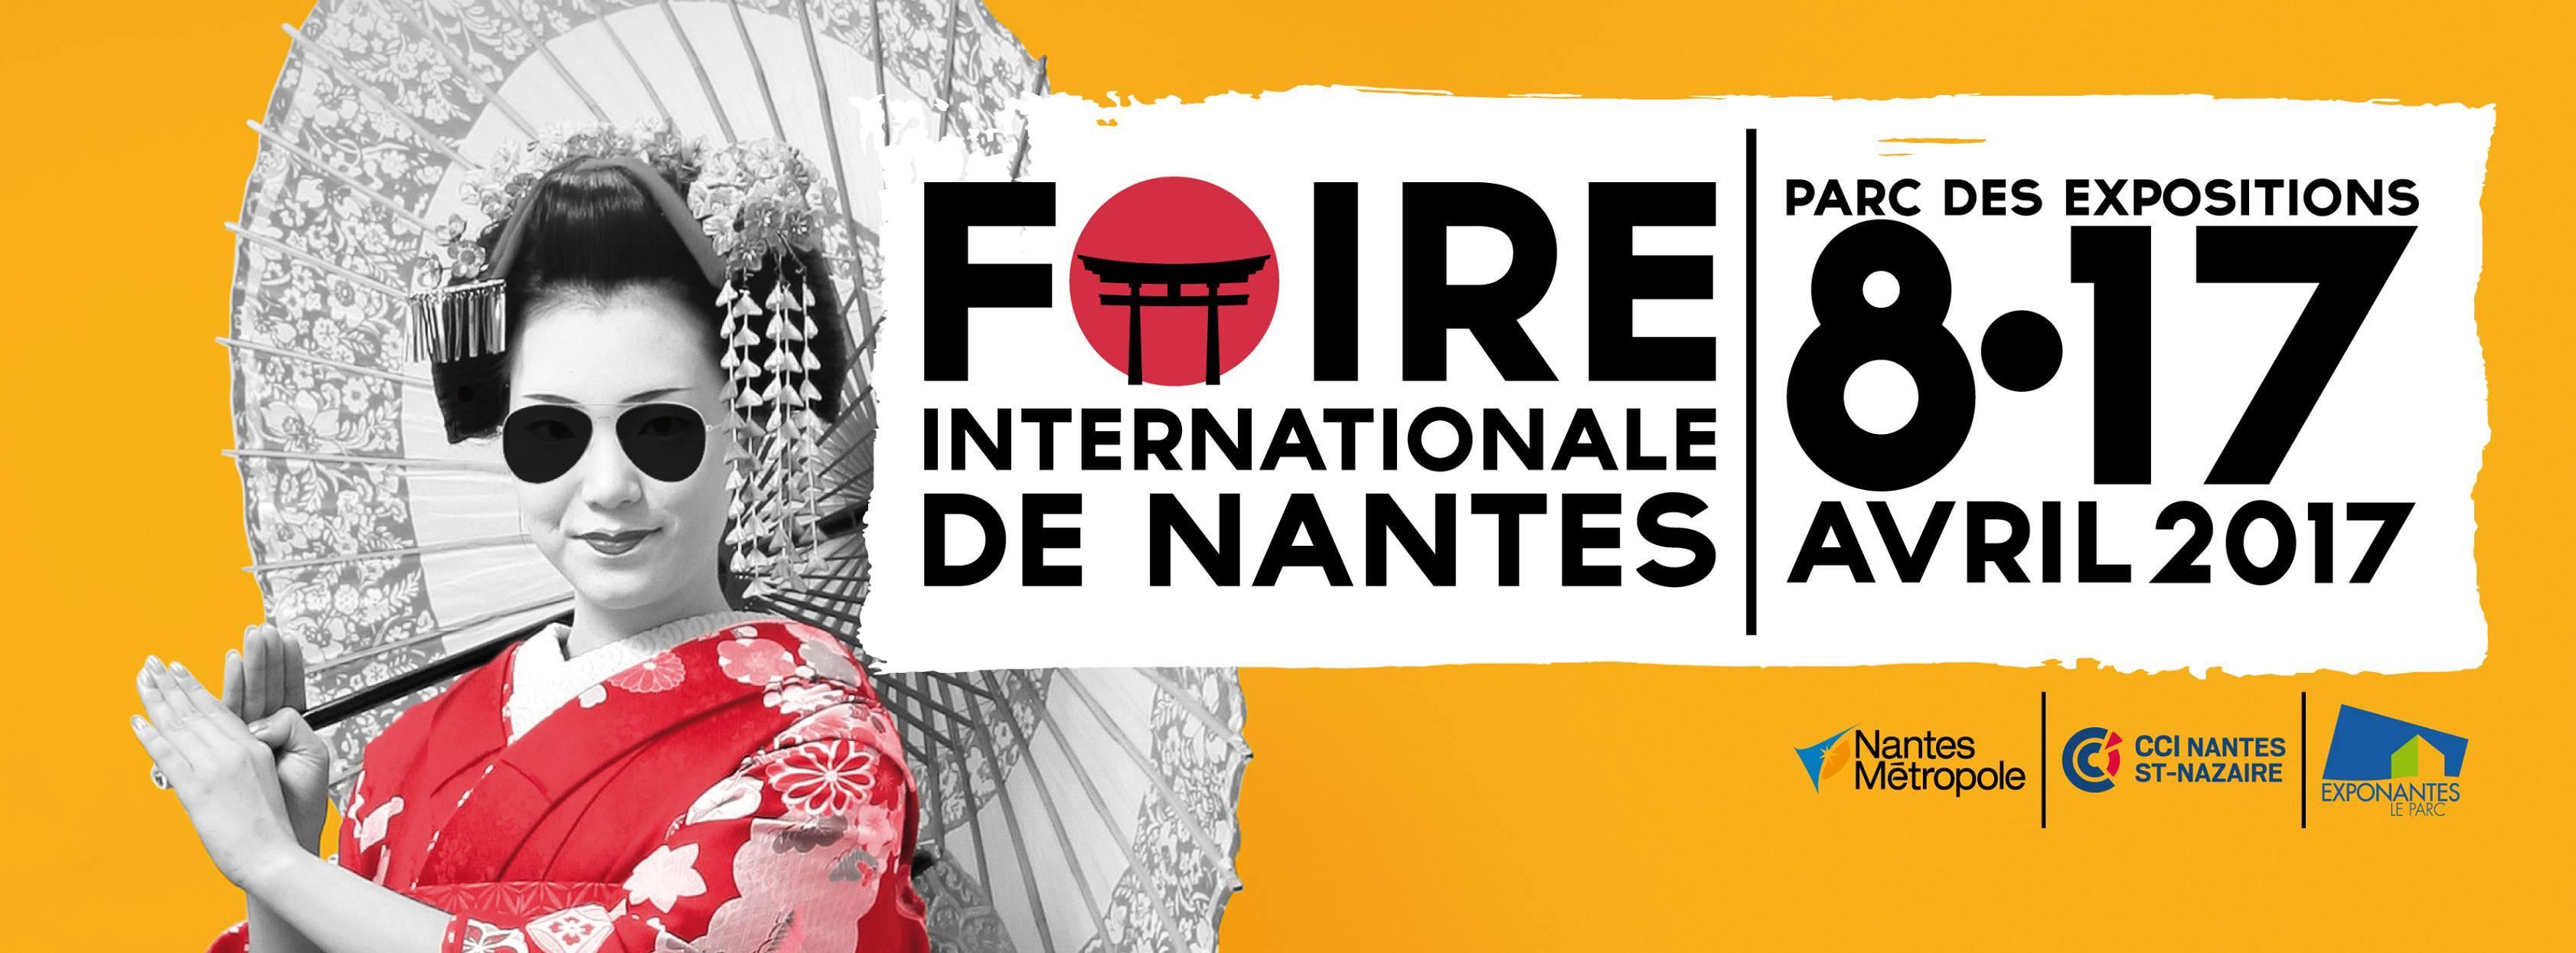 Foire Internationale De Nantes 2017